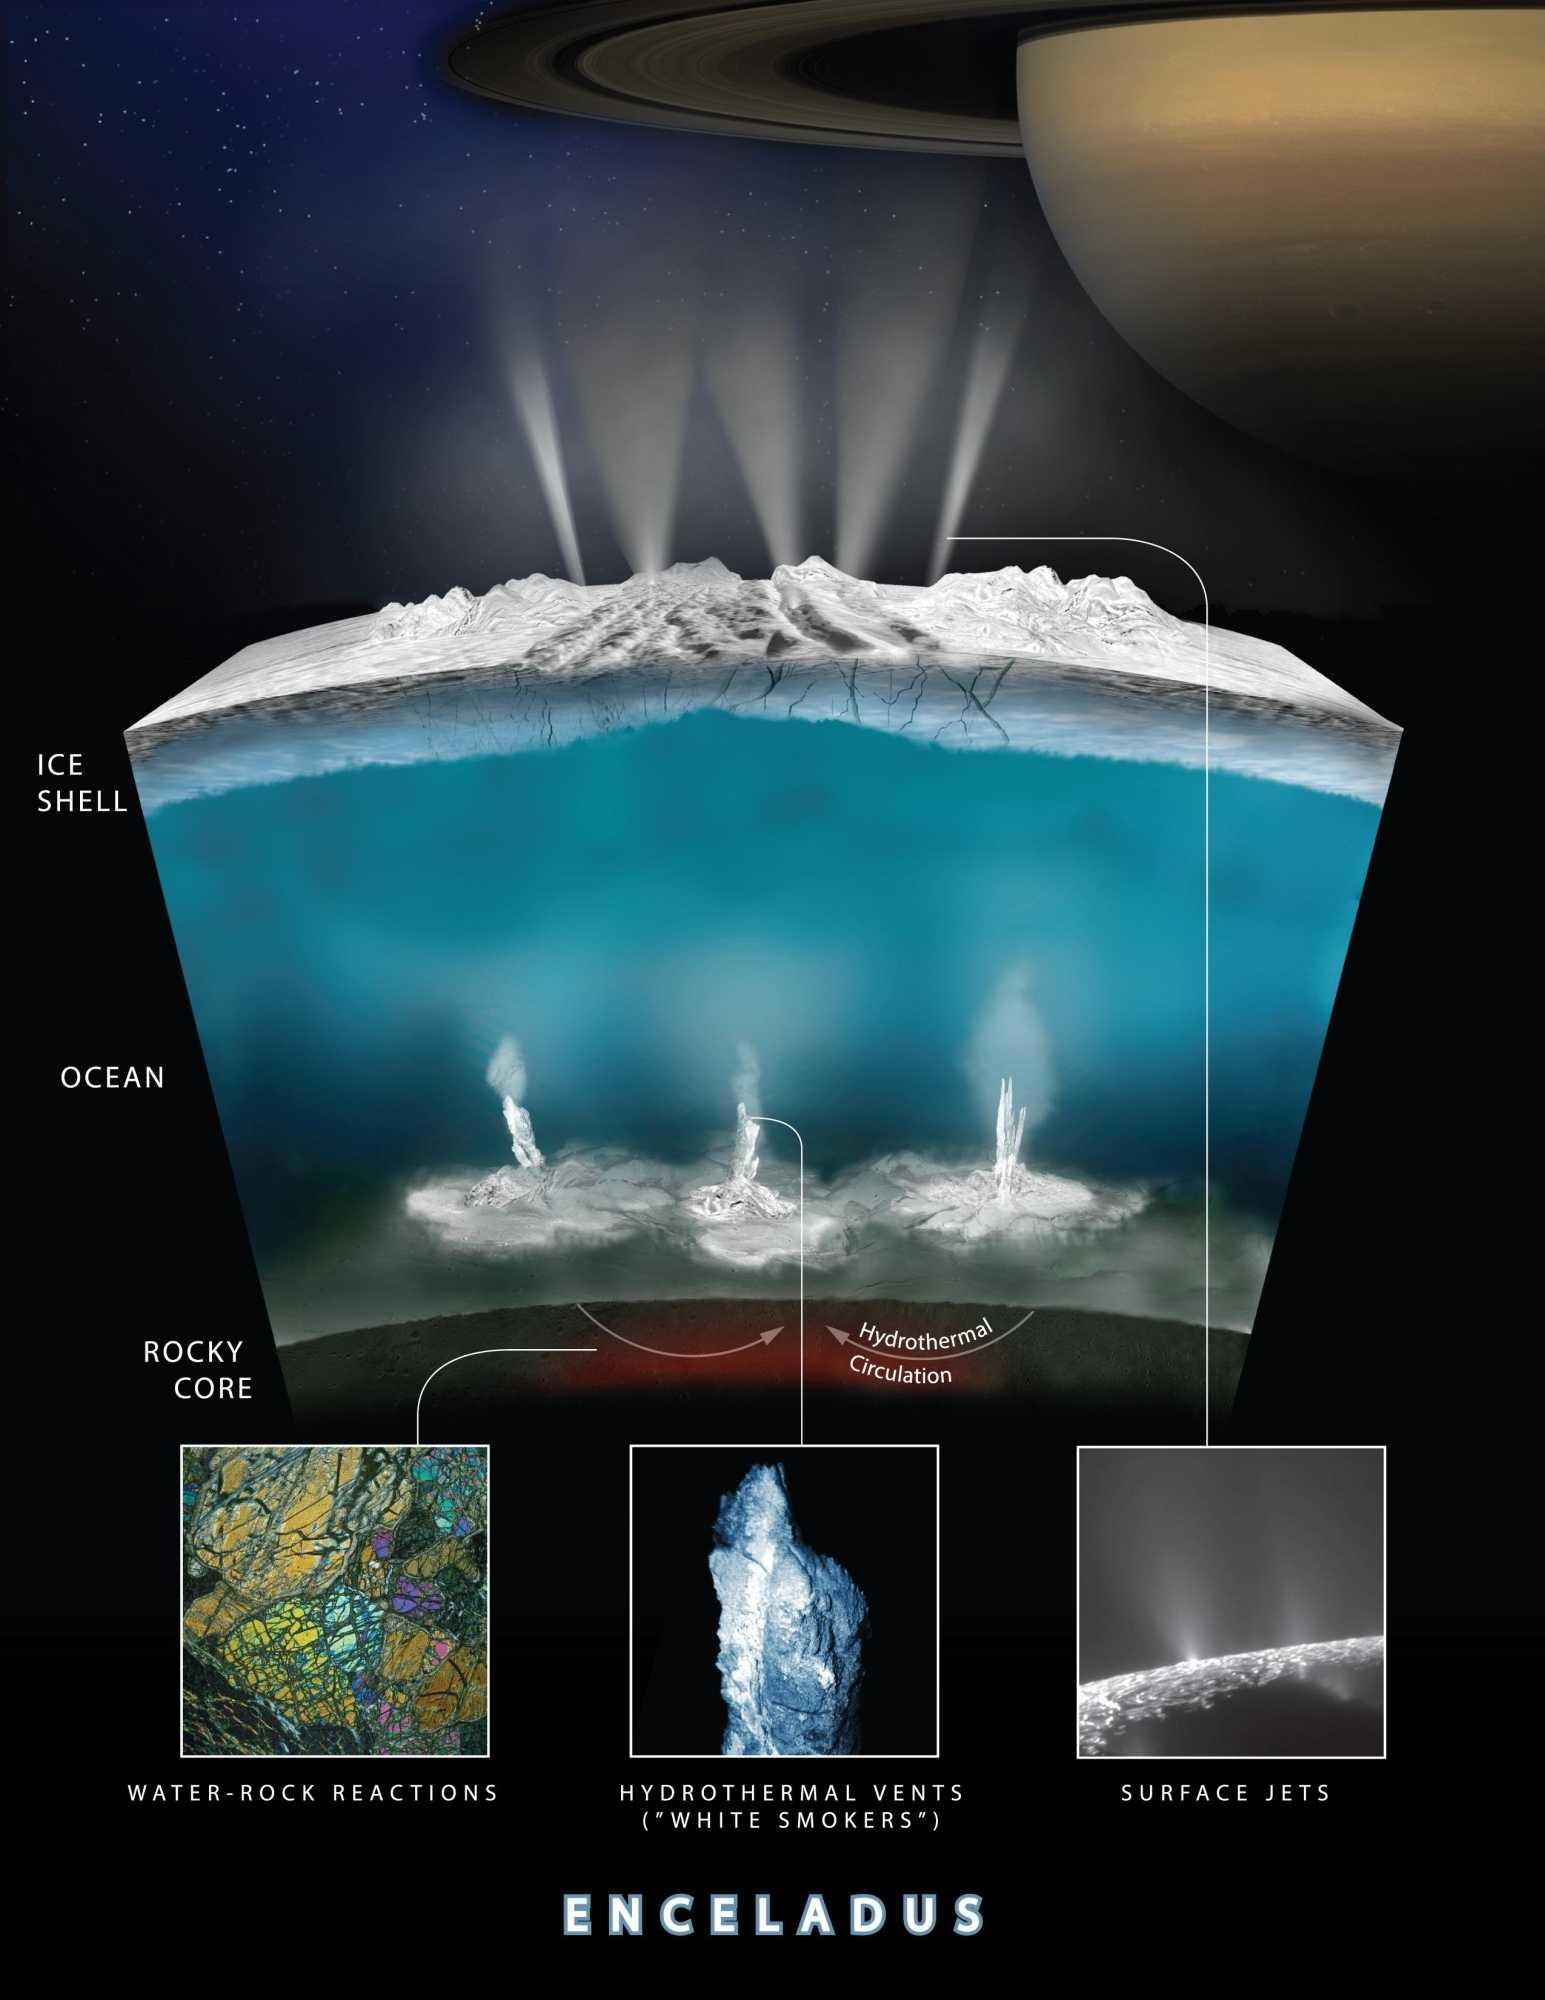 NASA/JPL-Caltech/Southwest Research Institute